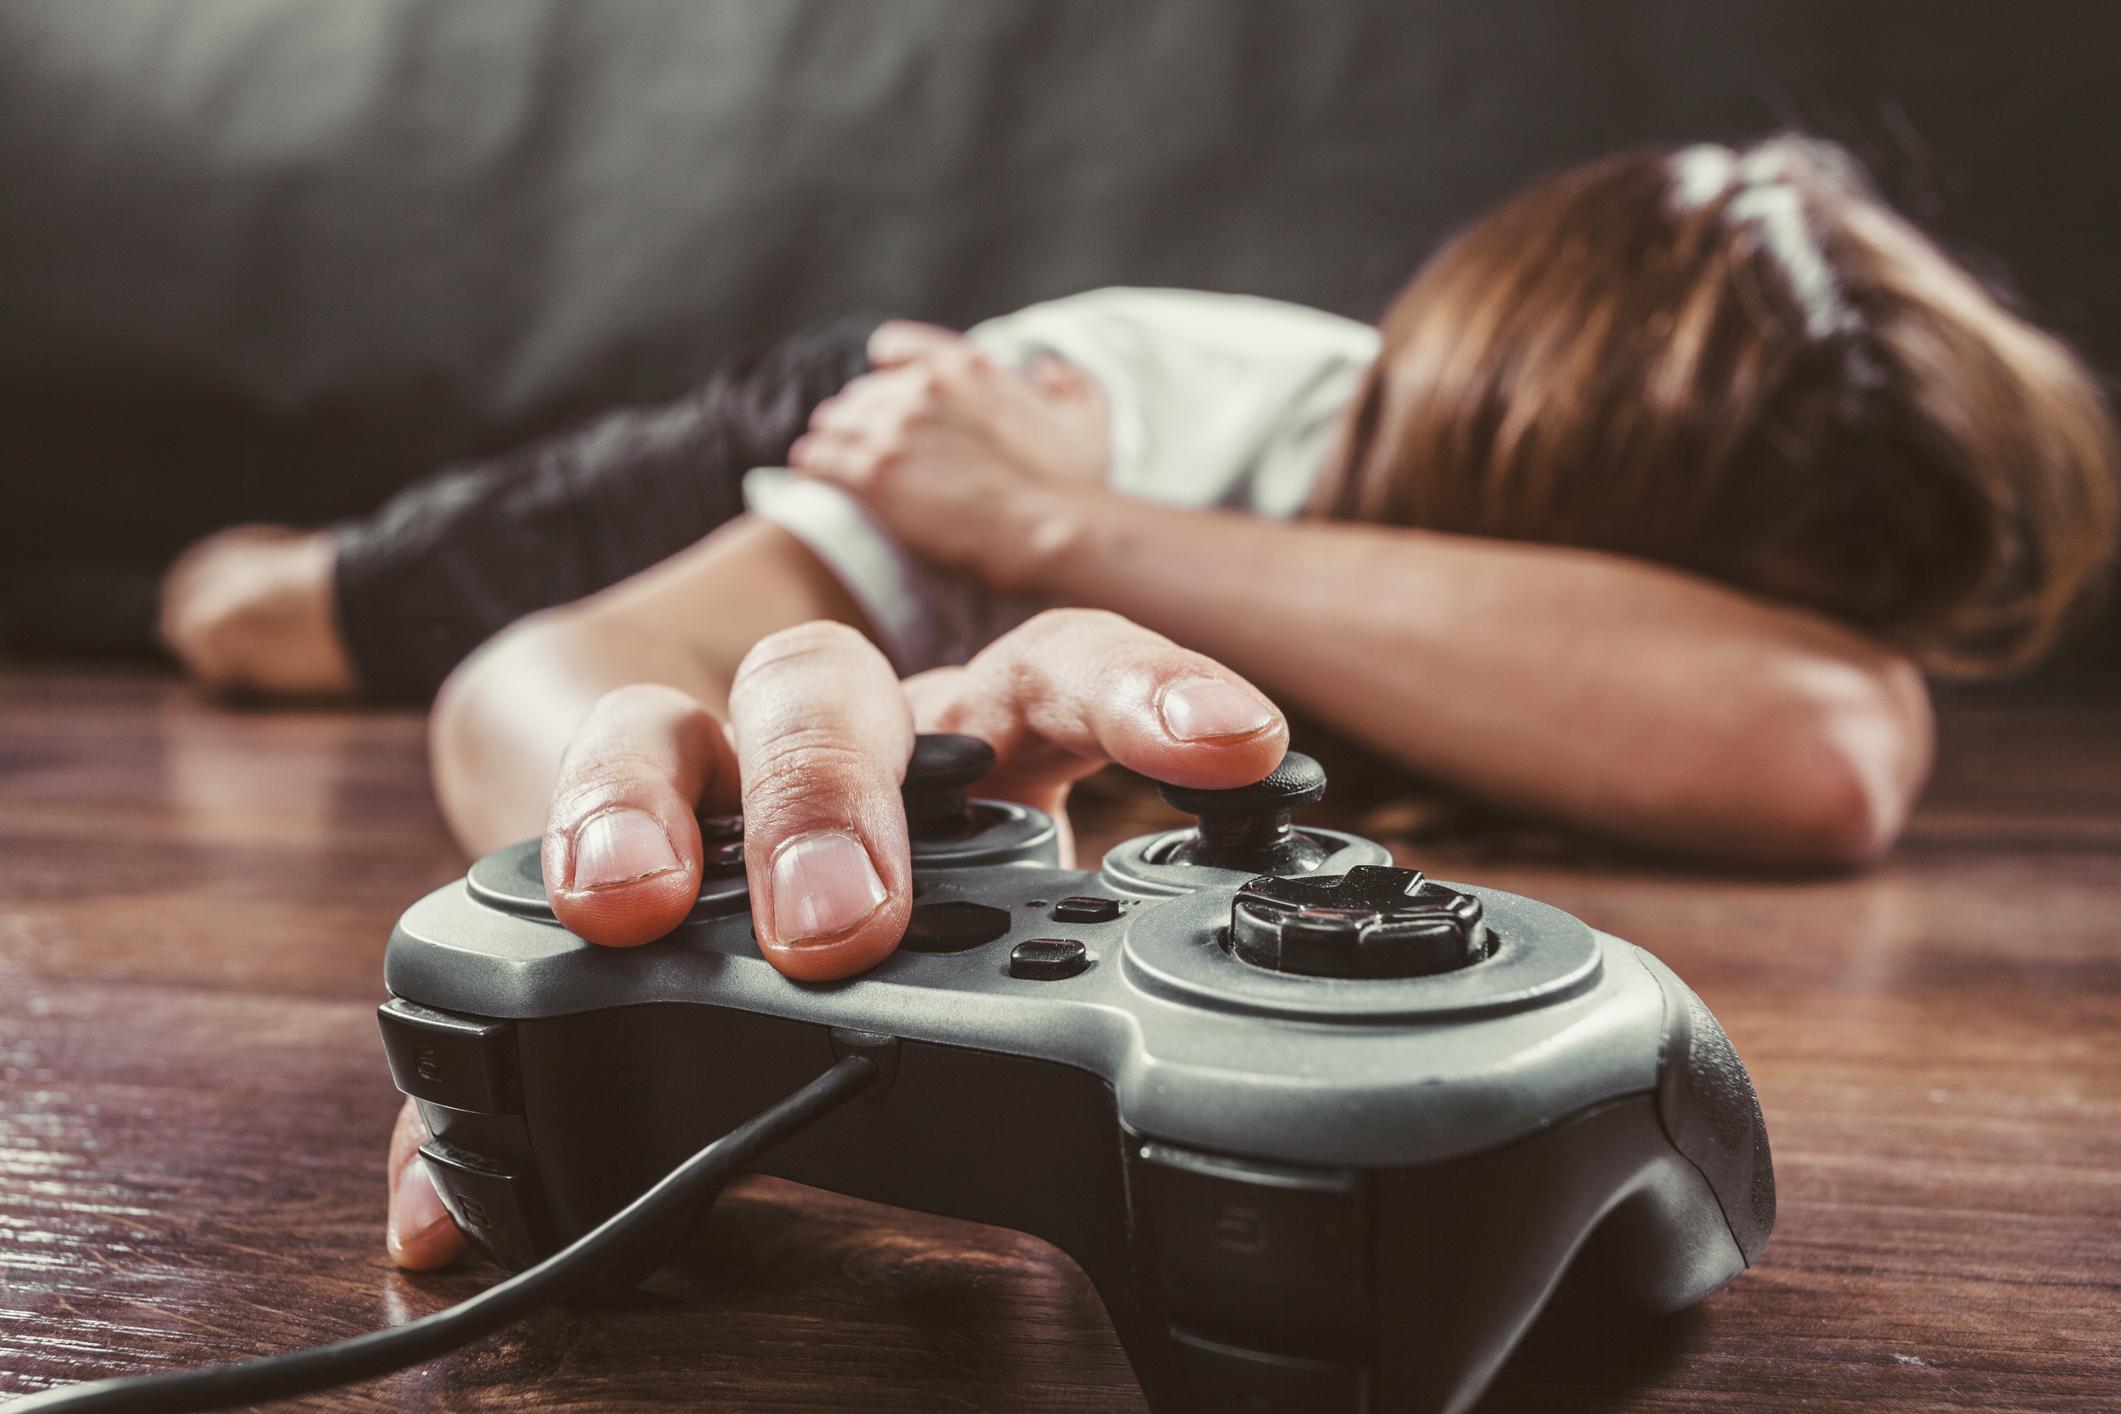 Príncipe critica um dos jogos mais famosos e lucrativos do planeta -  Universal.org – Portal Oficial da Igreja Universal do Reino de Deus